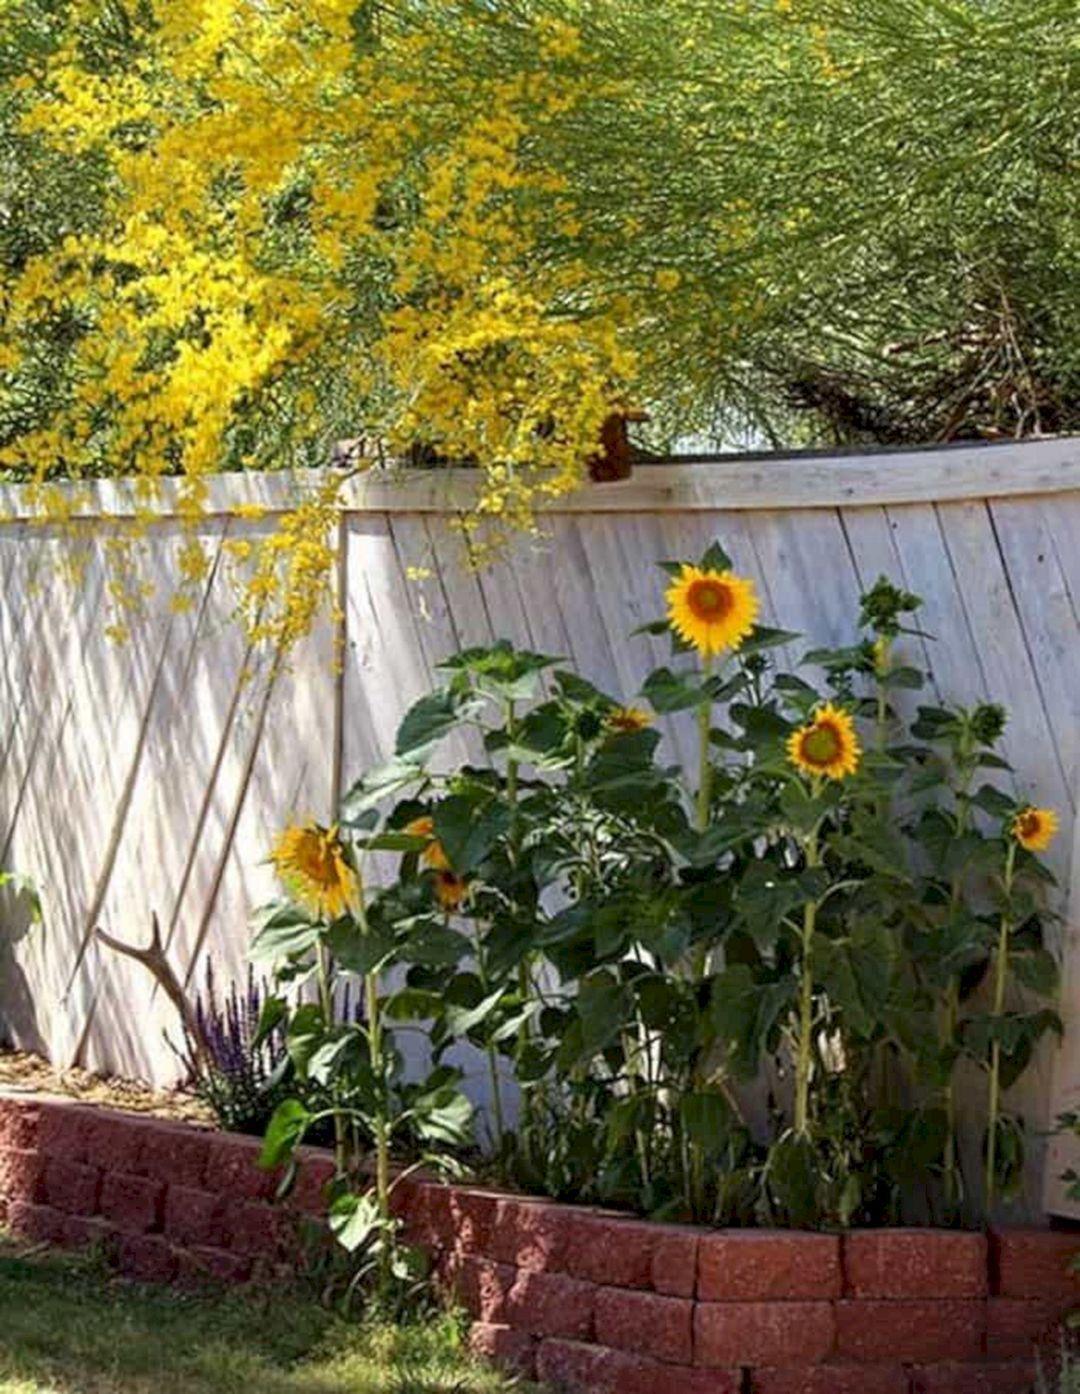 25 Beautiful Sunflower Backyard Design For Your Garden Ideas Planting Sunflowers Growing Sunflowers Sunflower Garden